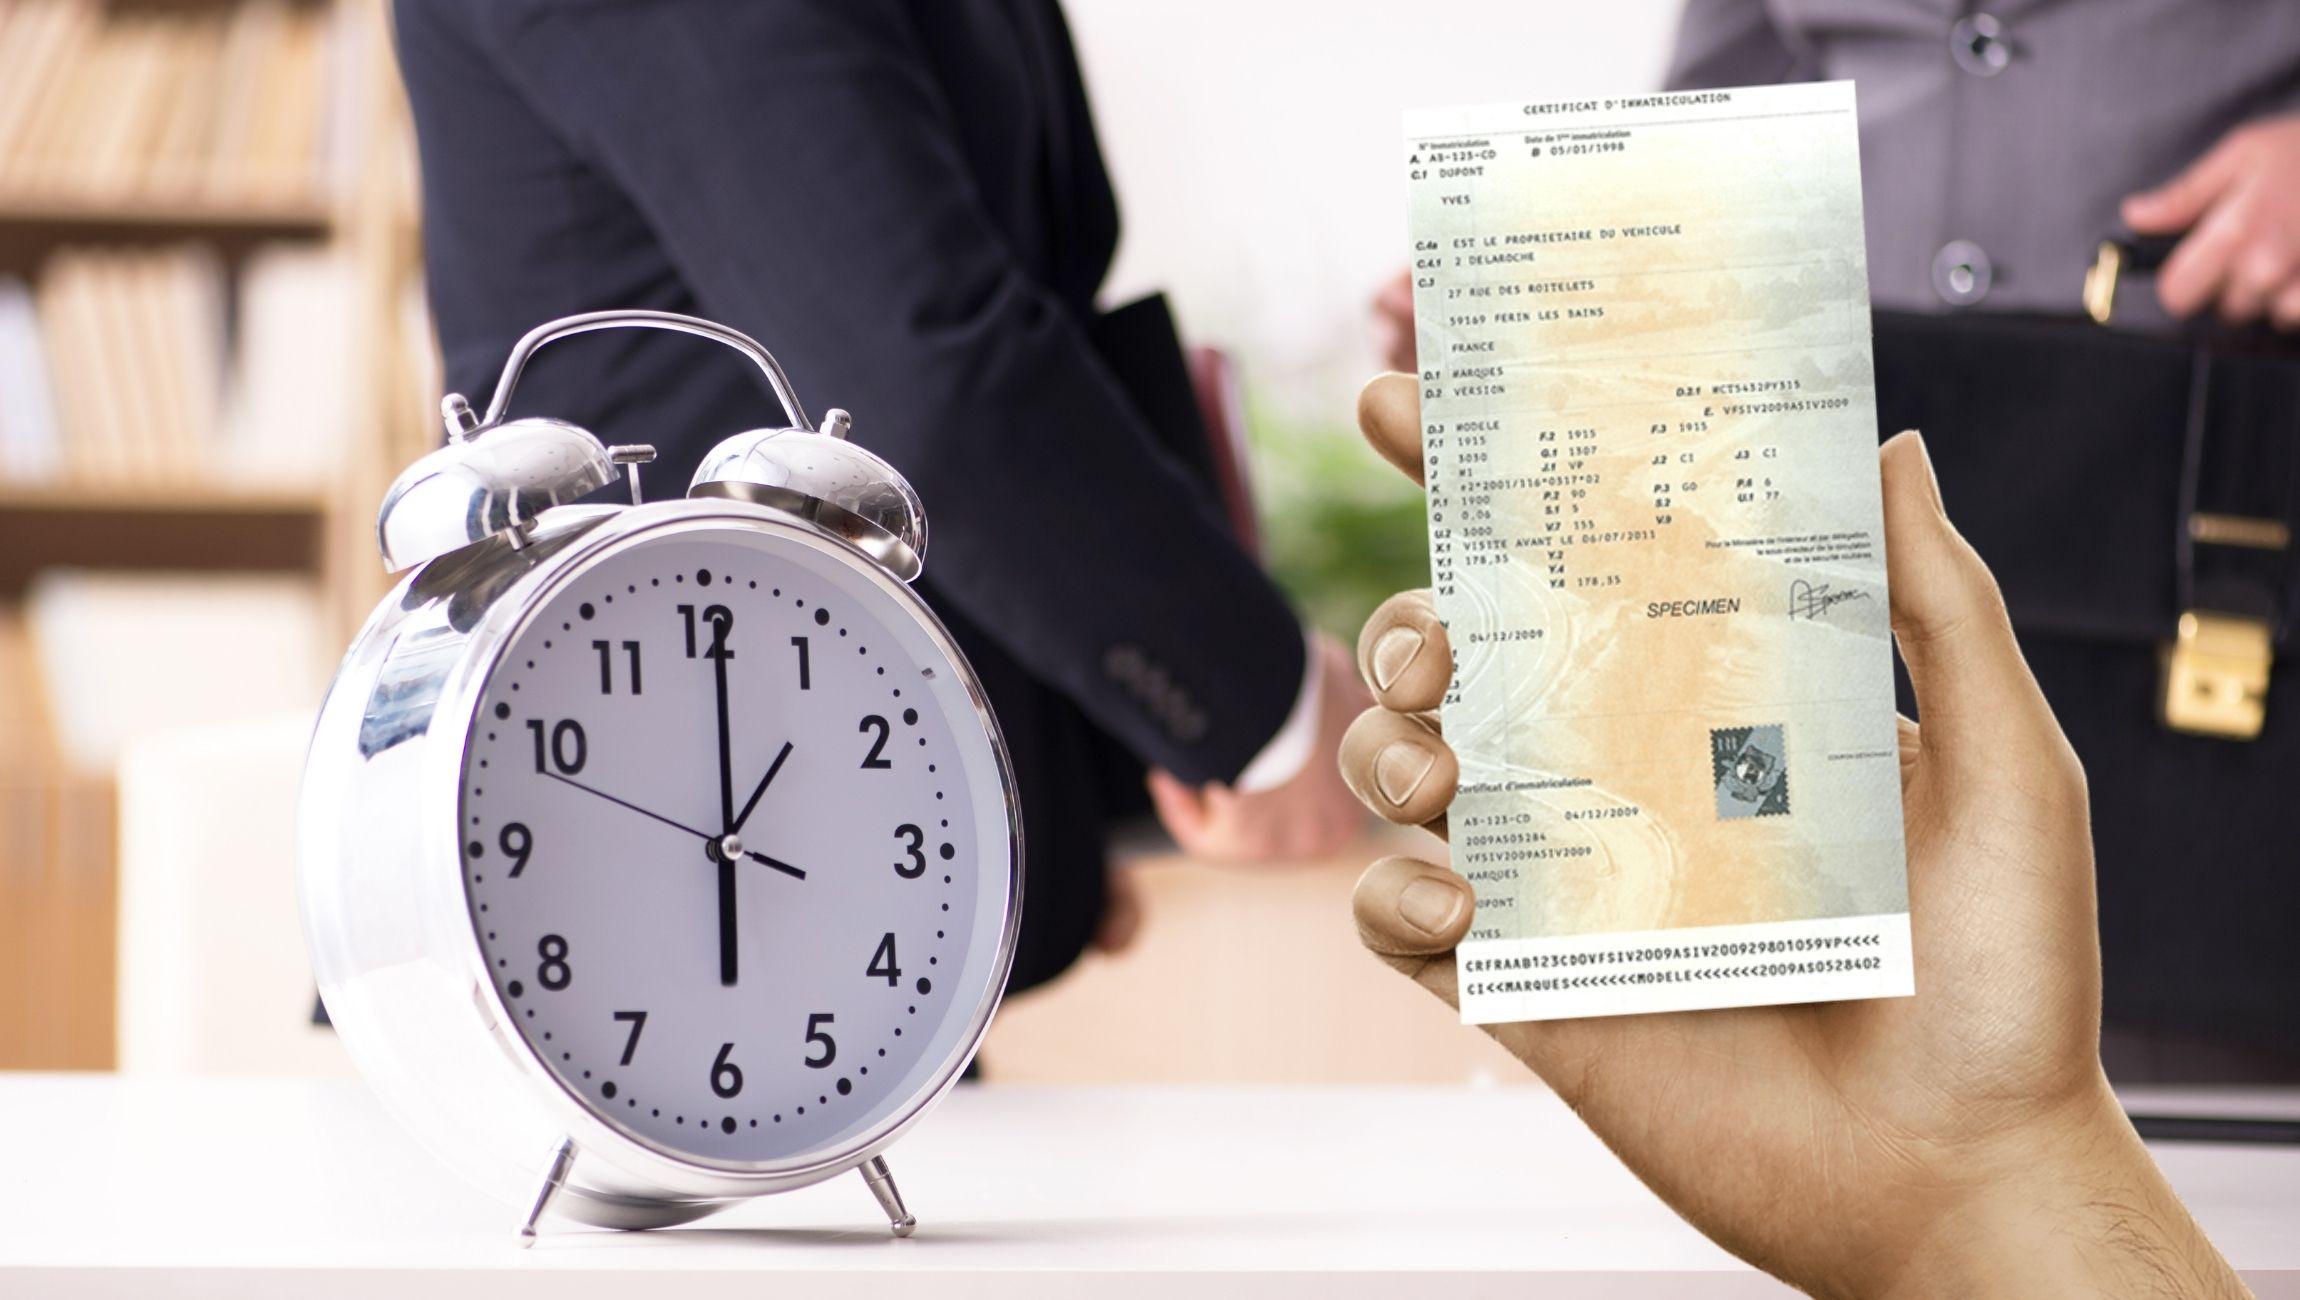 Changement d'adresse de carte grise : combien de temps ? Quels sont les délais ?